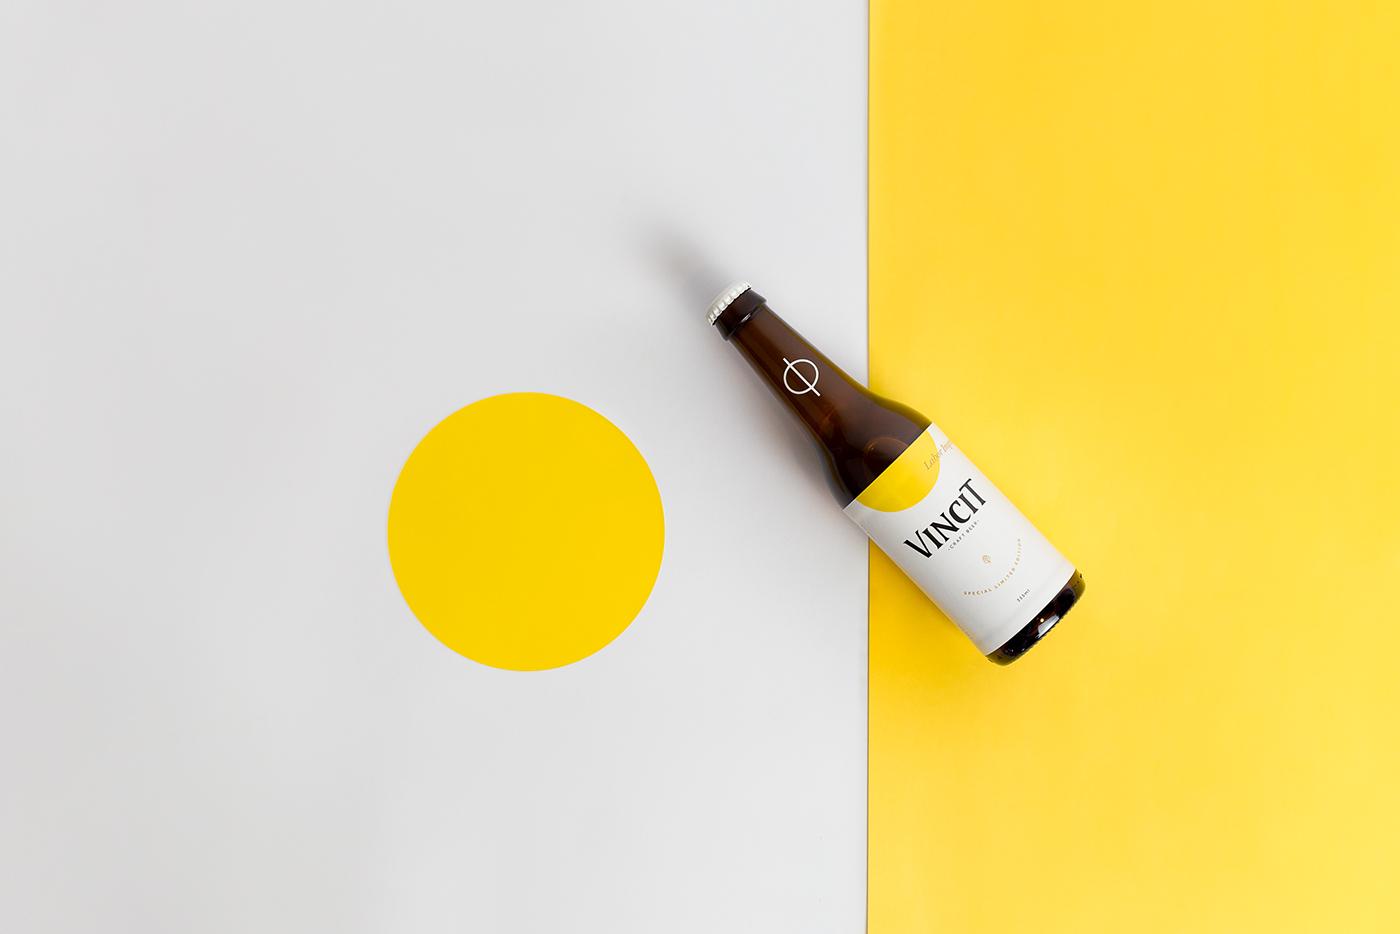 beer craft beer yellow design Phi simplicity brewery brazilian design Brazilian